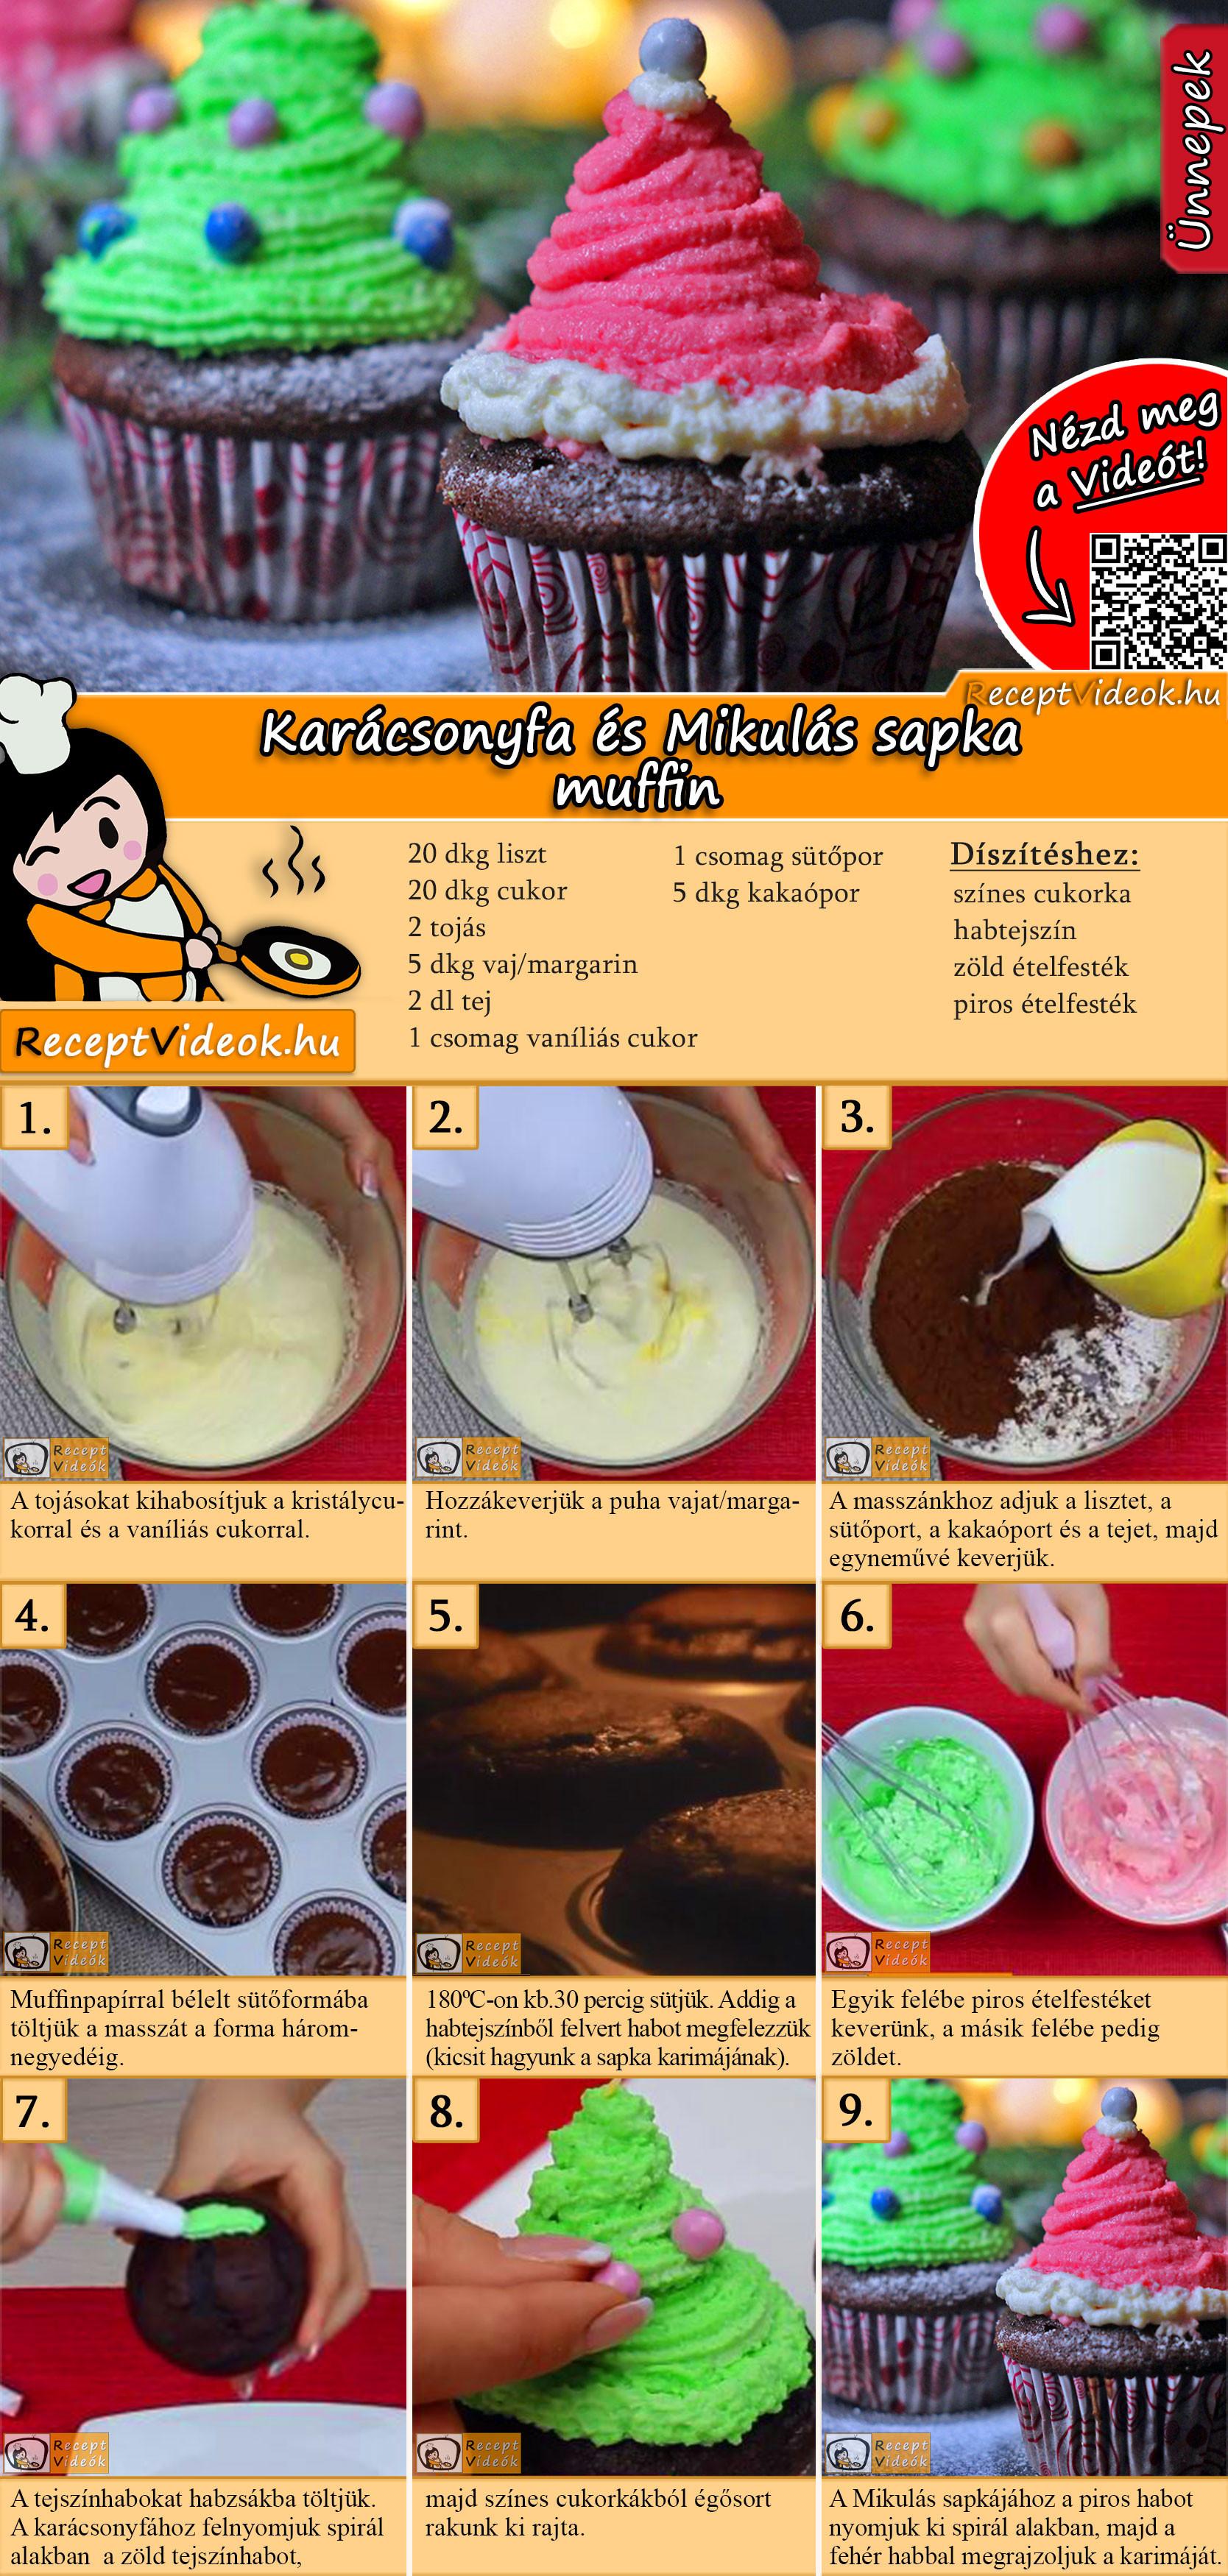 Karácsonyfa és Mikulás sapka muffin recept elkészítése videóval